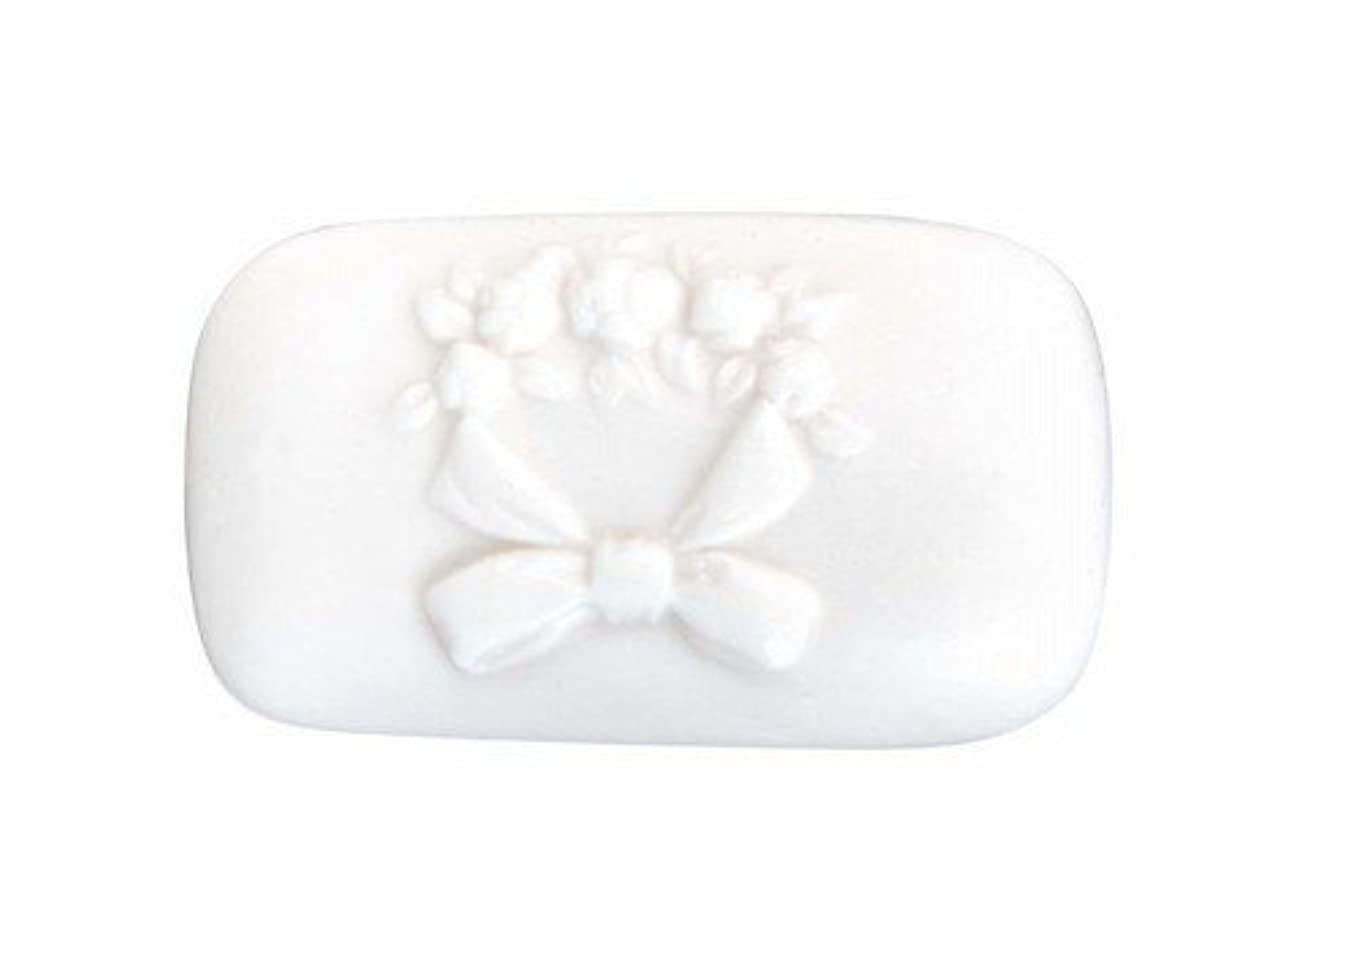 安心記念日ちょうつがいアメリー&メラニー シャルムドゥメラニー ソープ 170g フローラルの華やかな香り